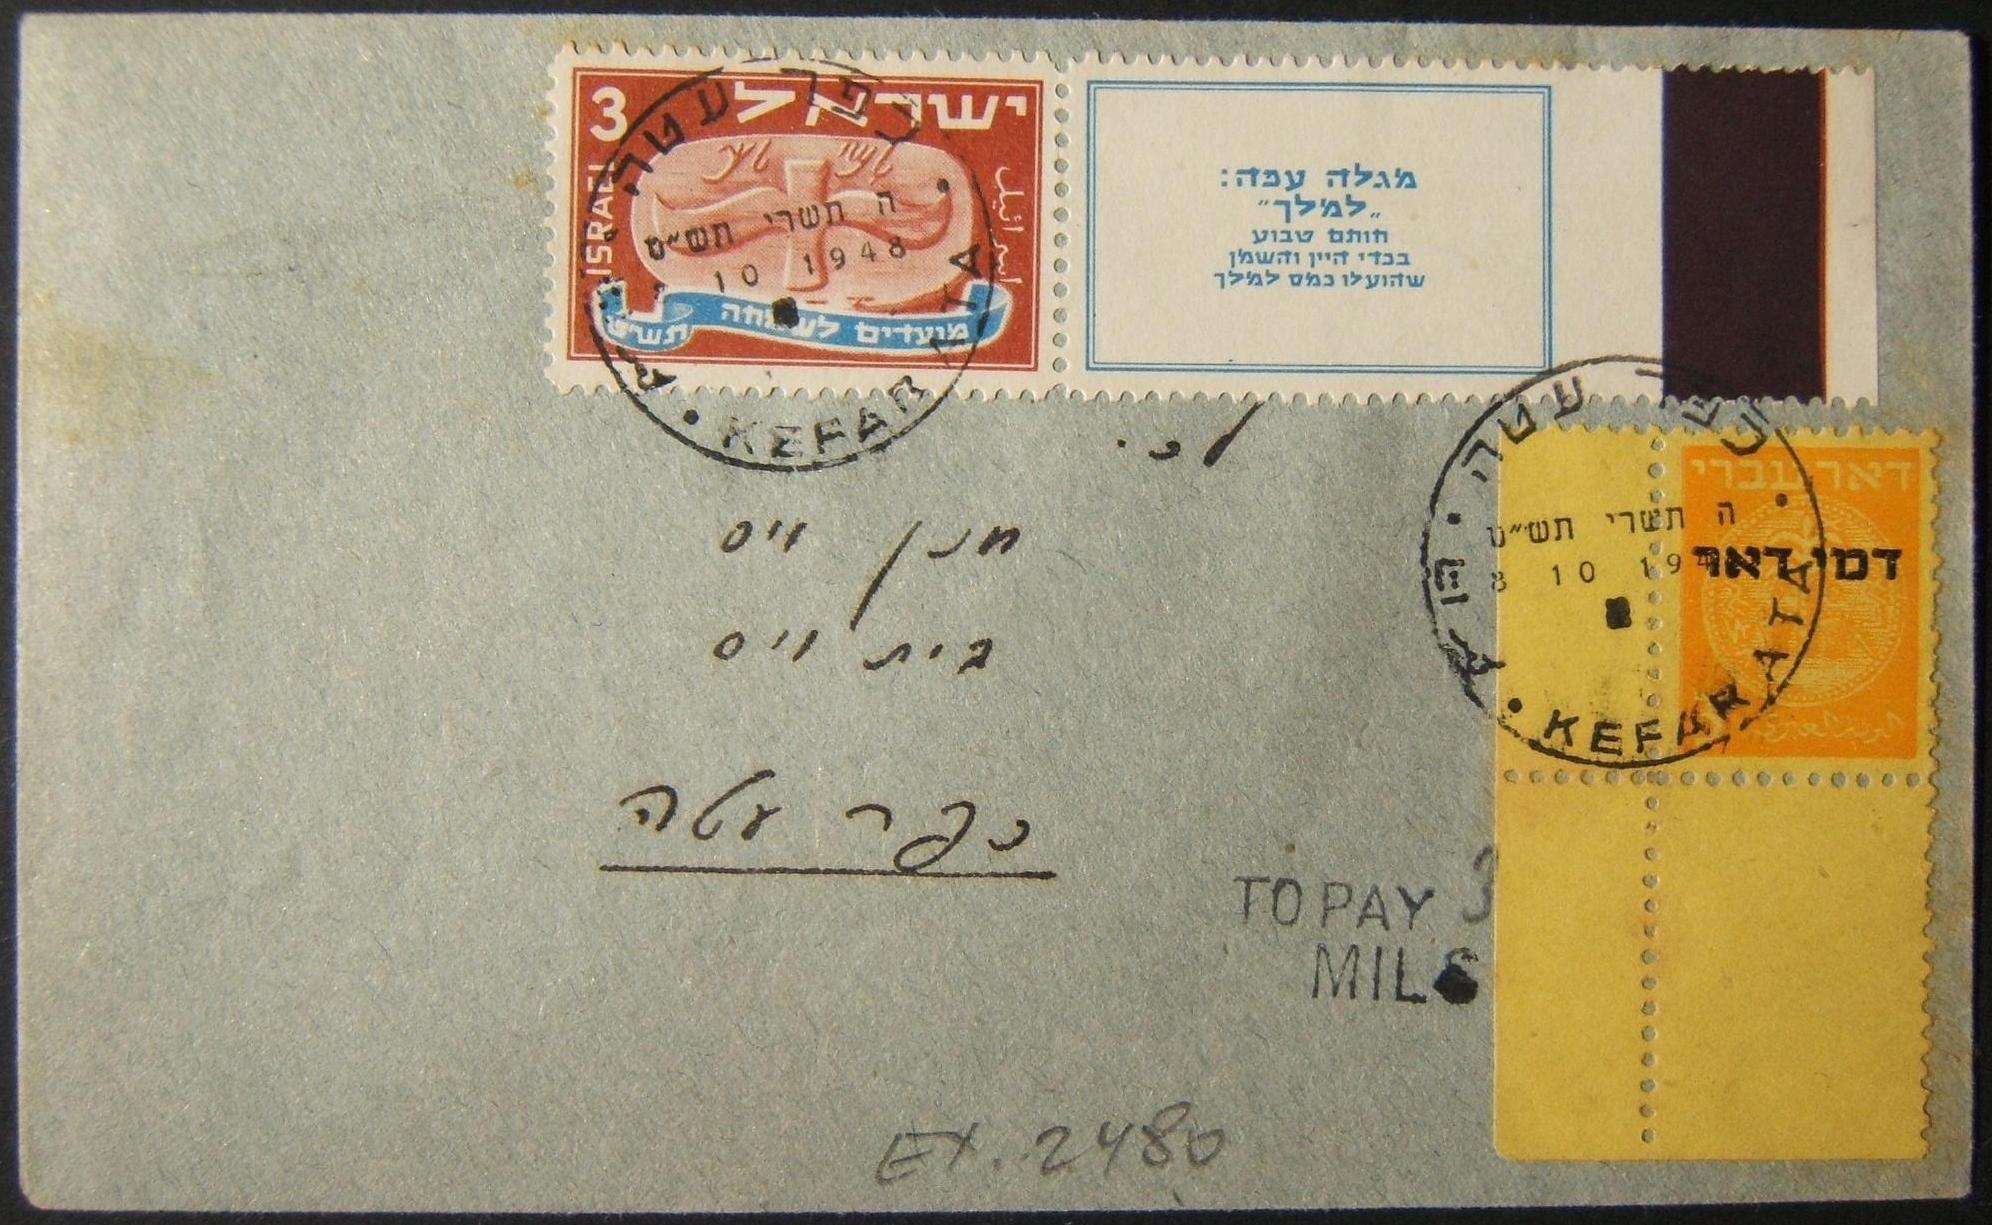 10/1948 KFAR ATA-Drucksachenpost, die während der Nachfrist mit Tabstempel besteuert werden